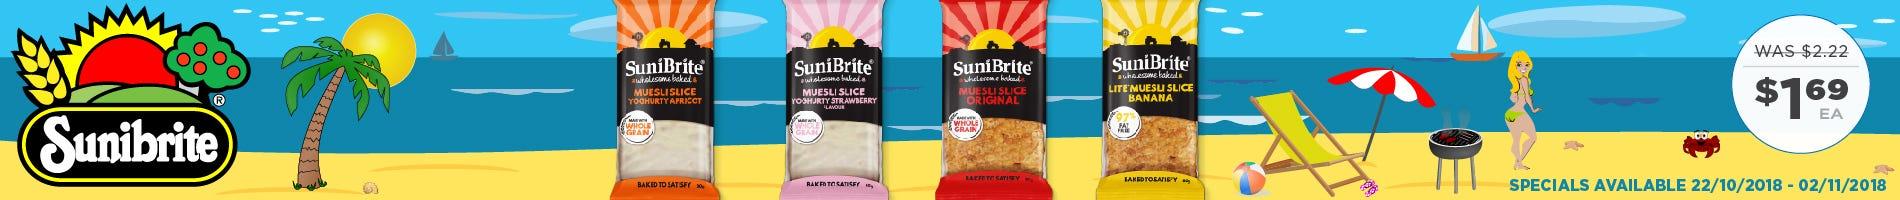 Click to Shop Sunibrite